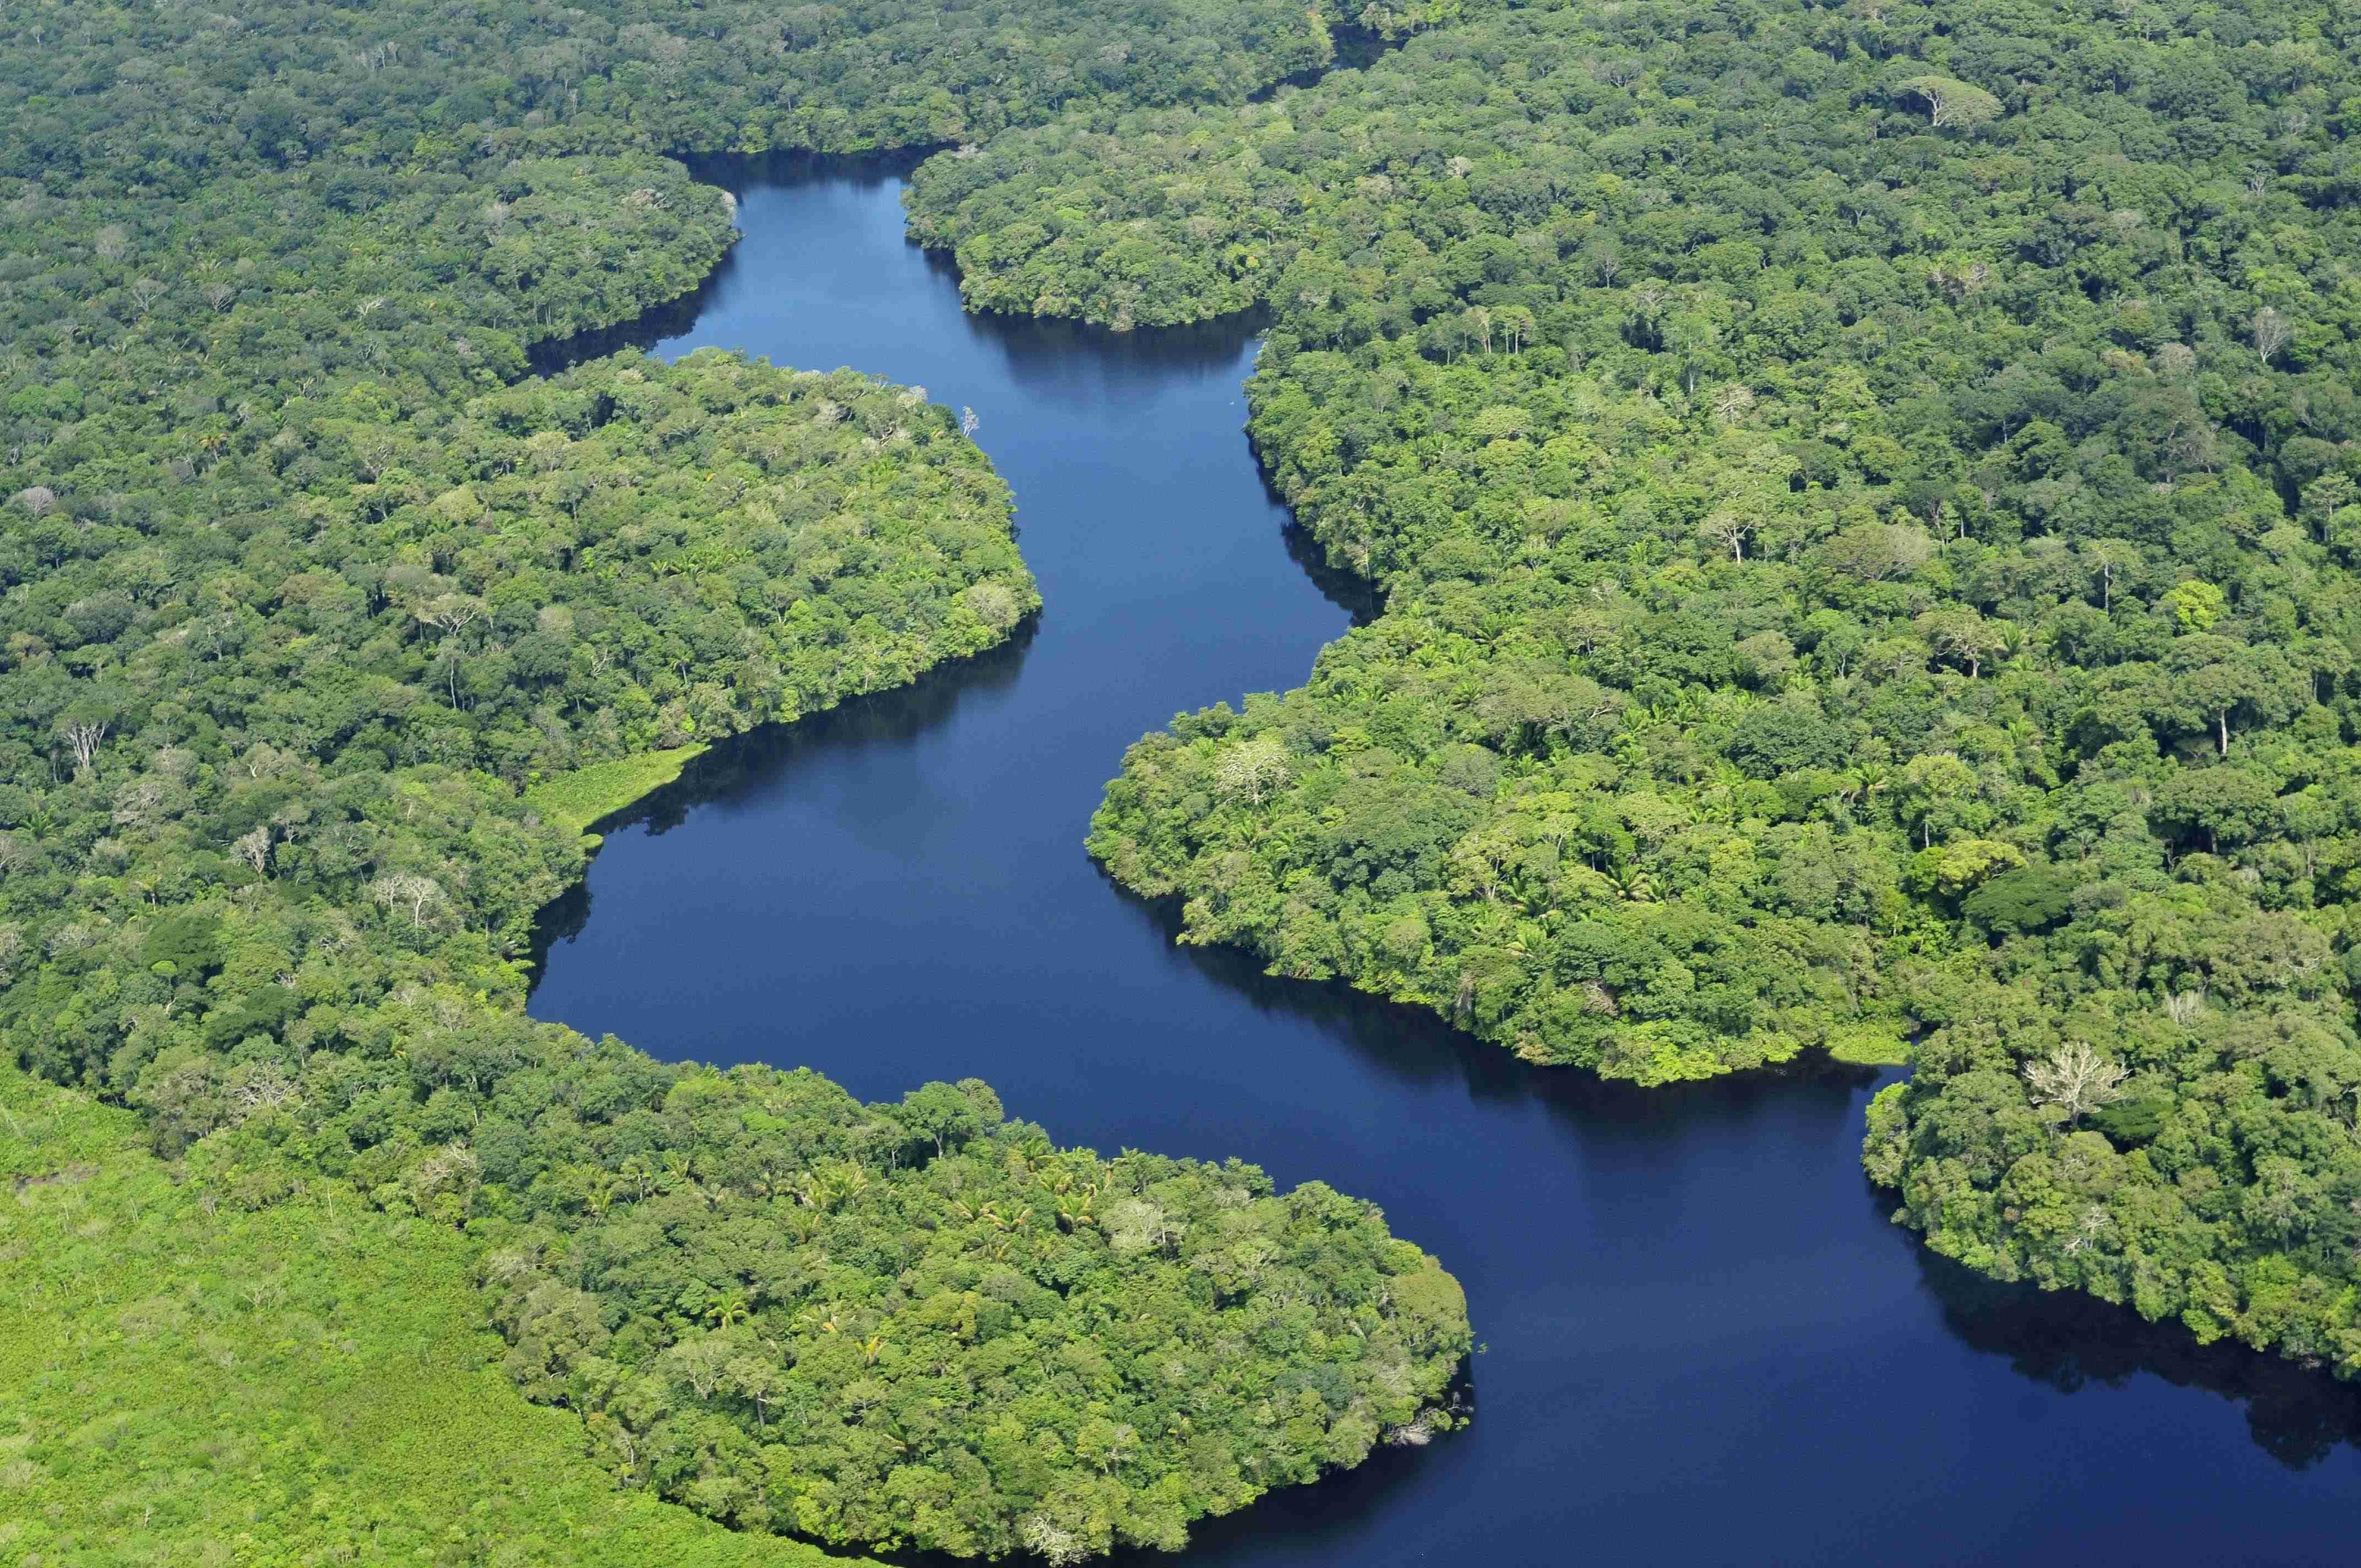 L Amazonie, le poumon de la plante face la dforestation Photo de l amazonie